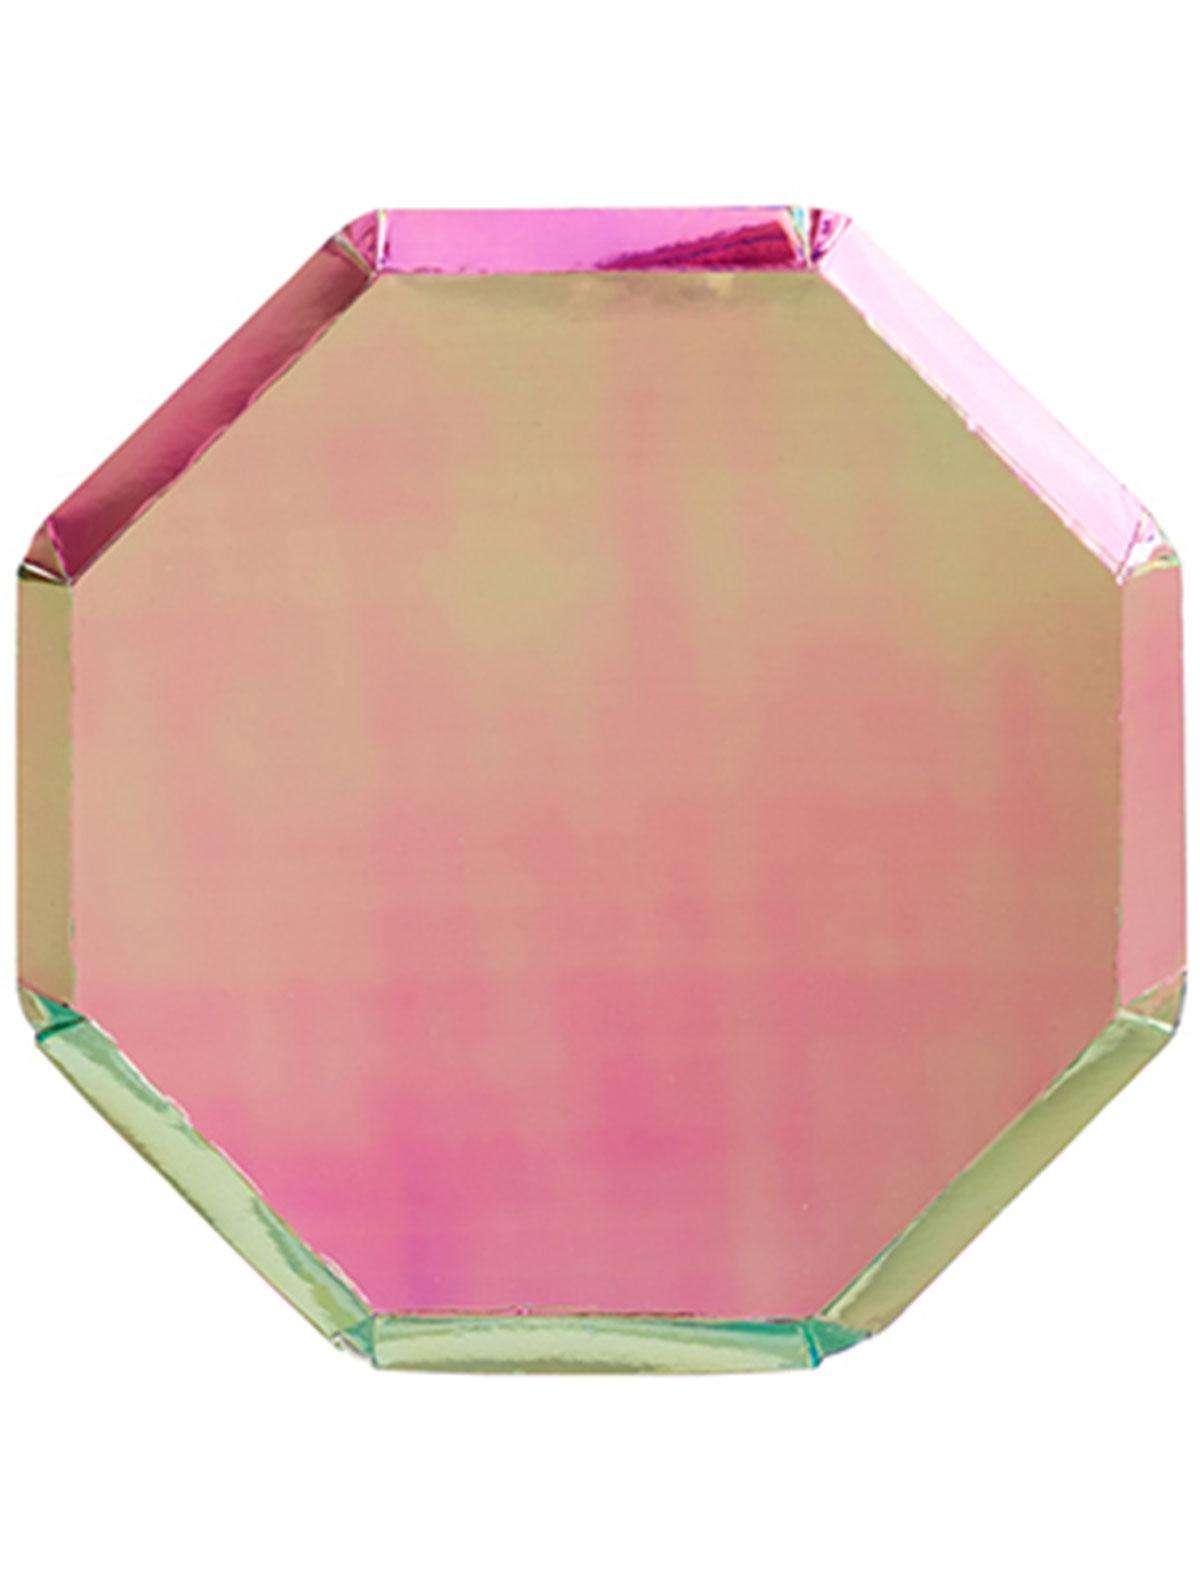 Набор посуды Meri Meri 2259926 розового цвета